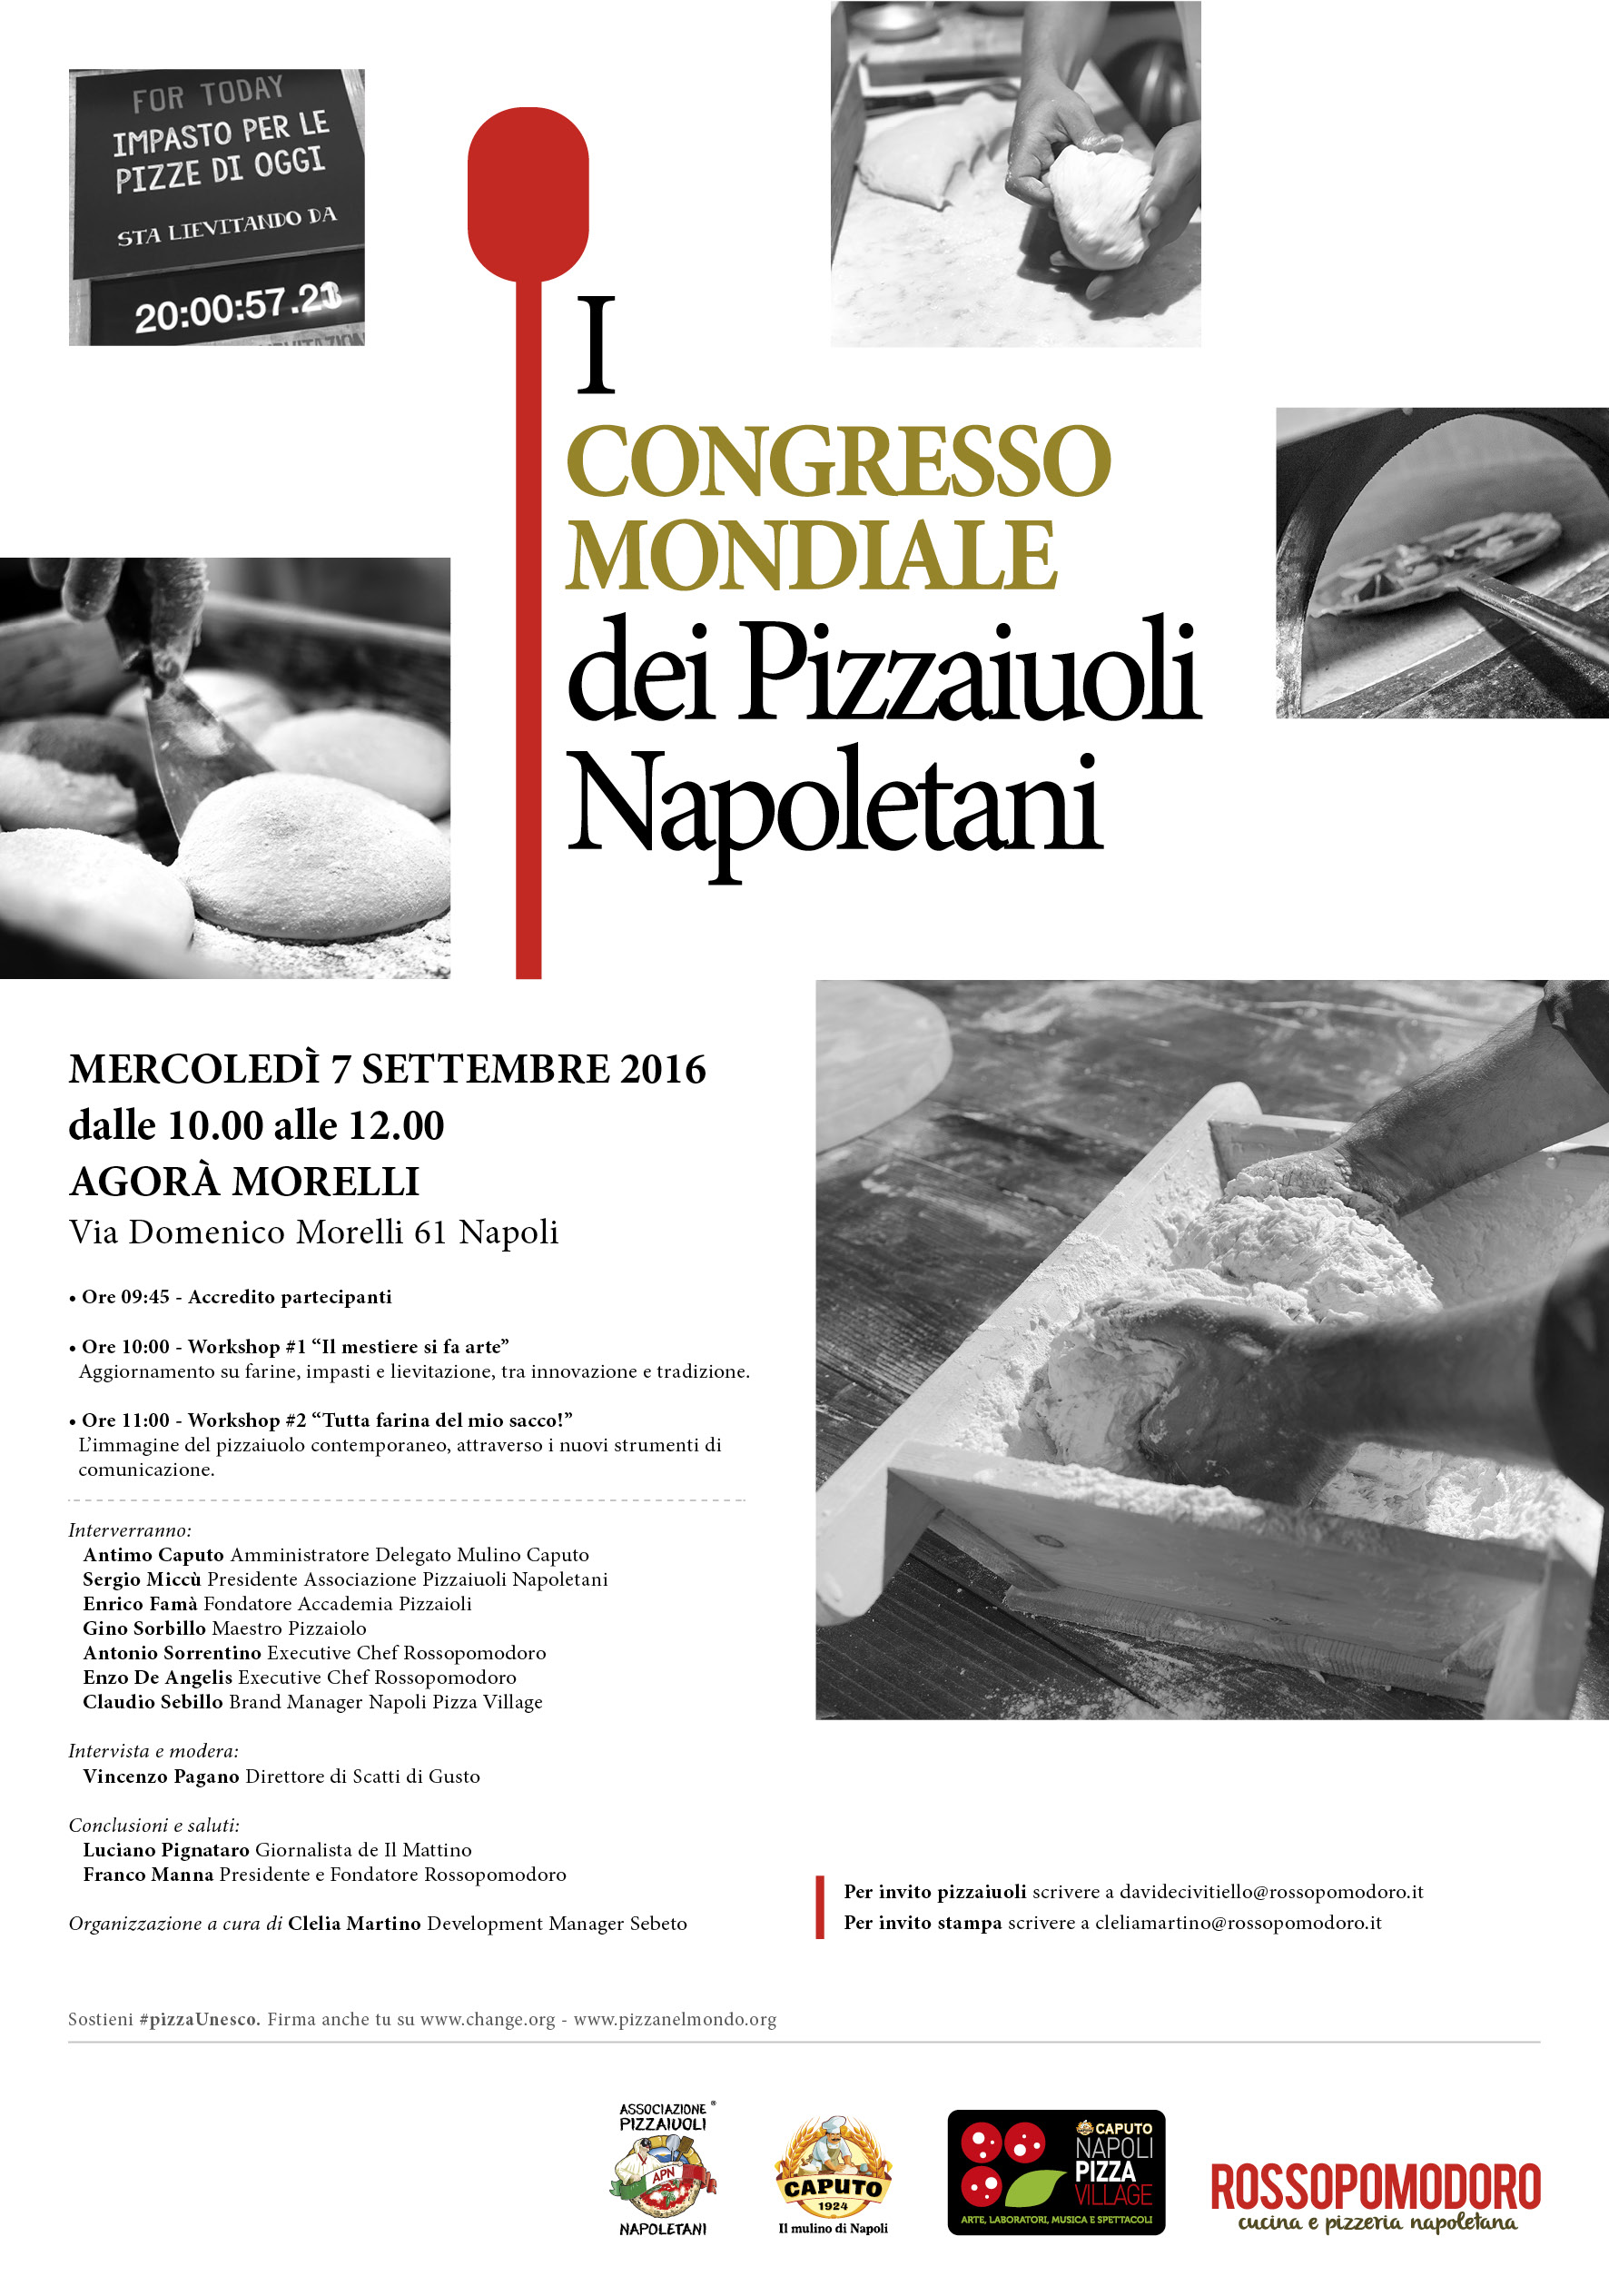 congresso mondiale pizzaioli Napoli 2016